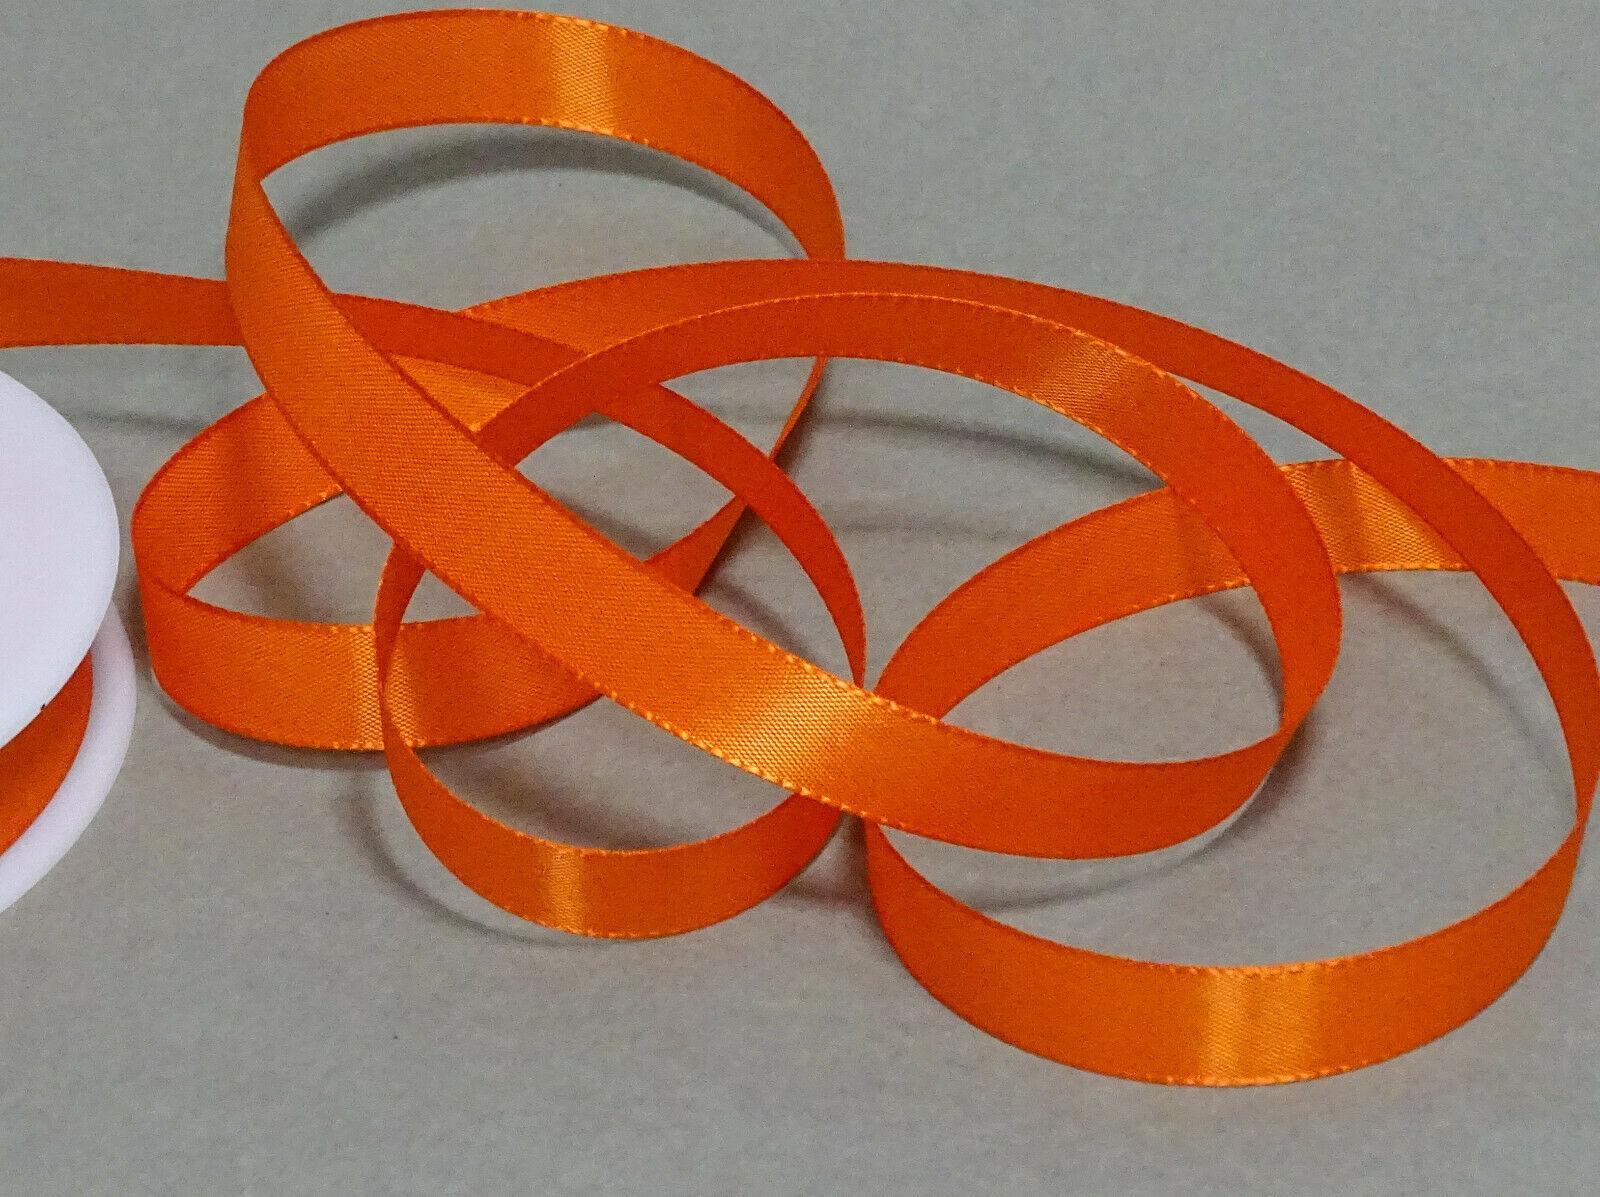 Seidenband Schleifenband 50 m x 15 mm / 40 mm Dekoband ab 0,08 €/m Geschenkband  - Orange 237, 40 mm x 50 m